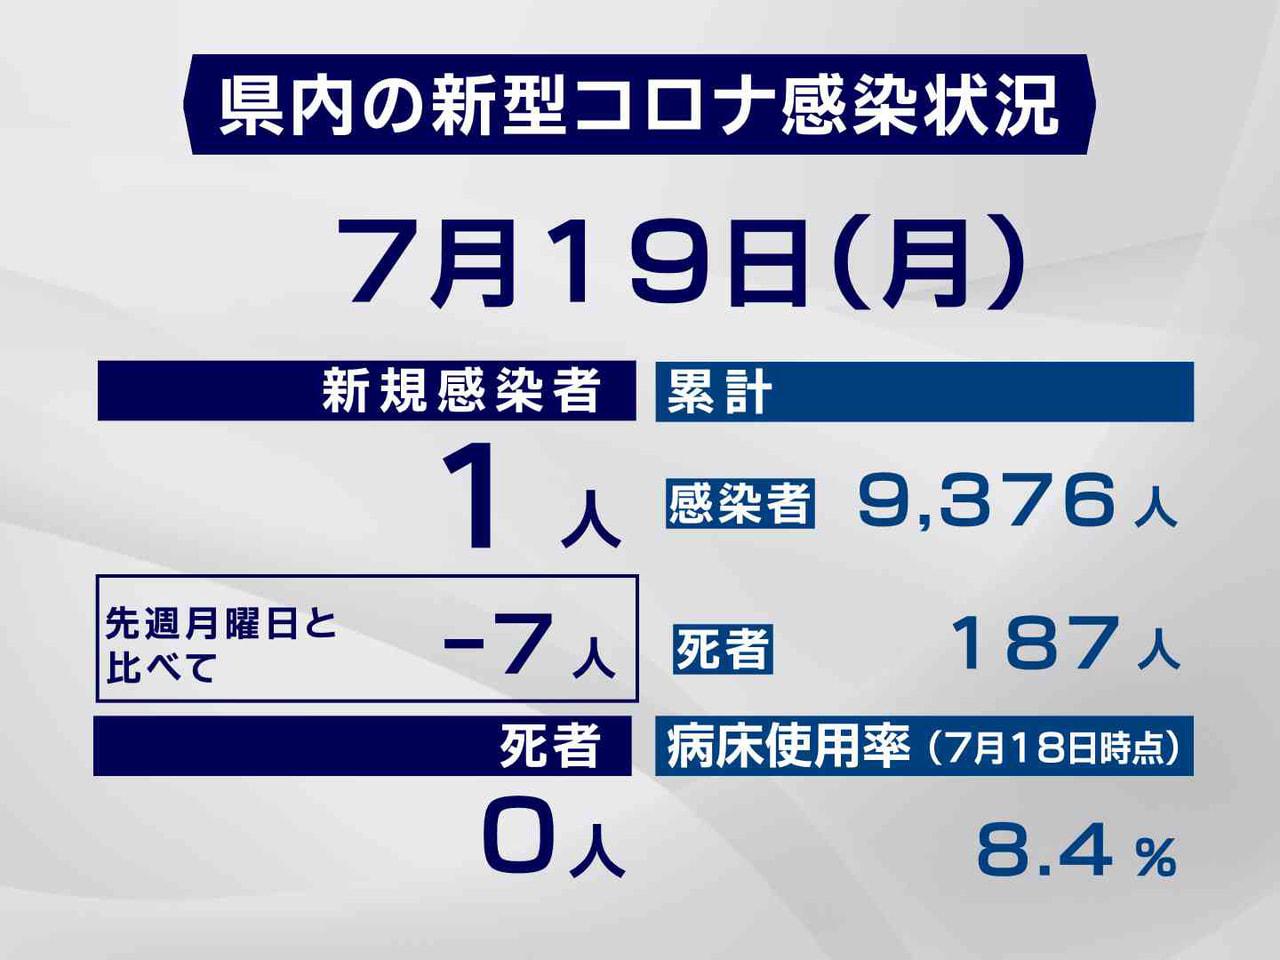 岐阜県と岐阜市は19日、新型コロナウイルスの感染者が新たに1人確認されたと発表し...